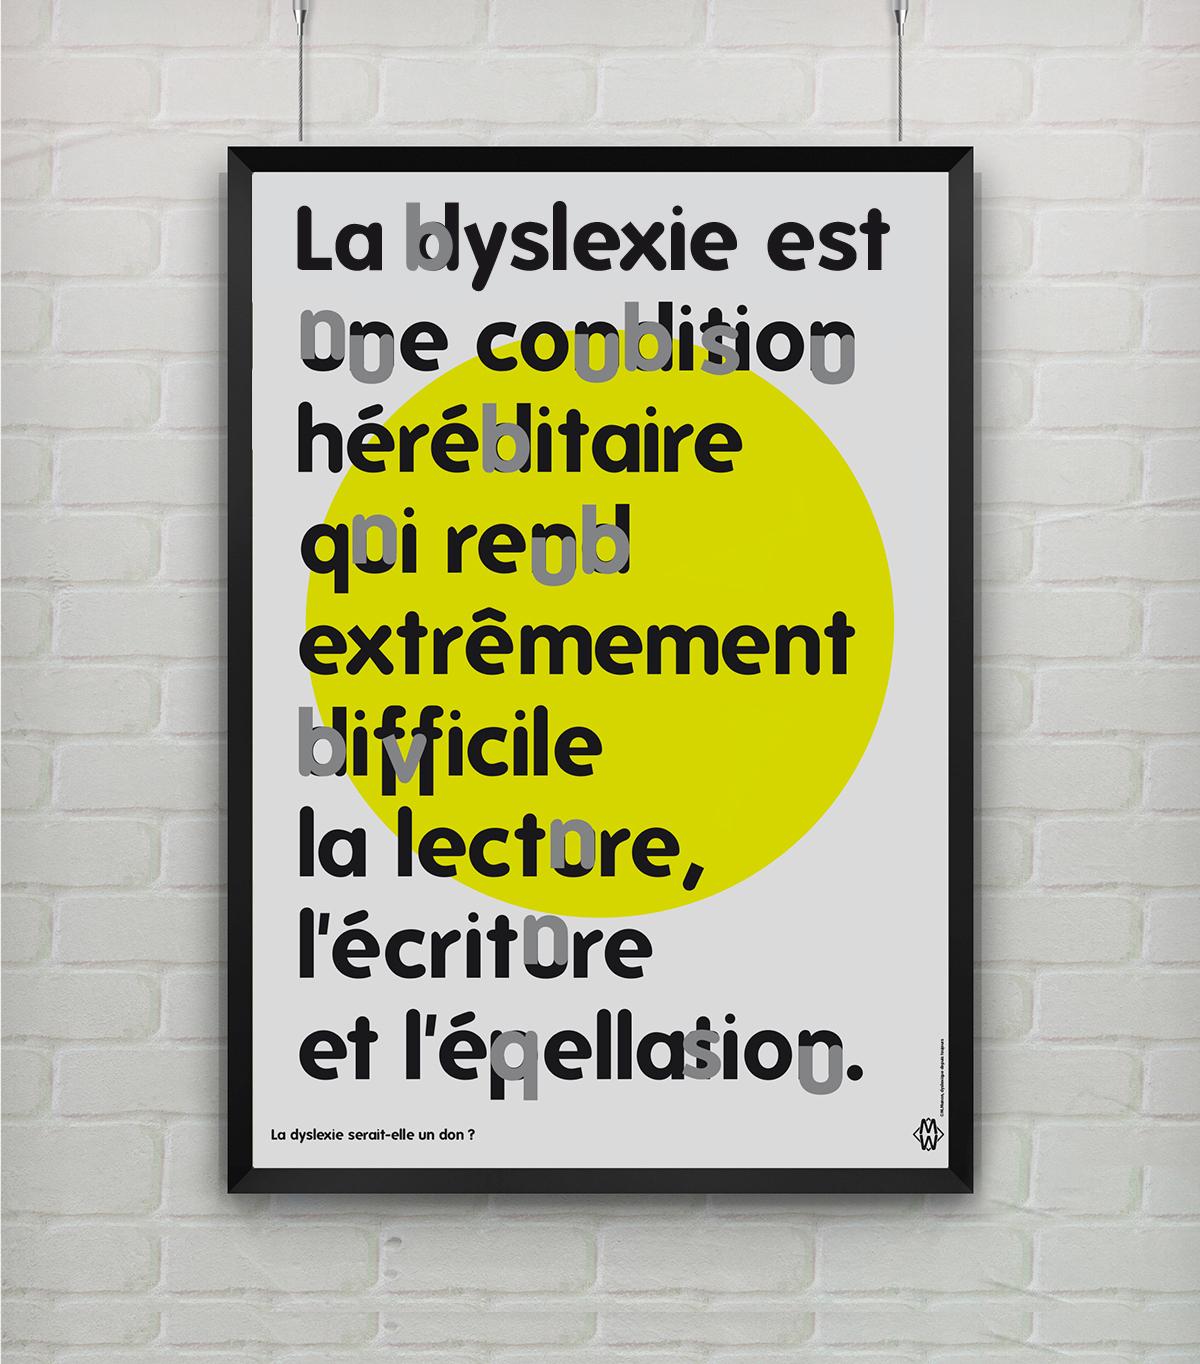 Affiche de sensibilisation à la dyslexie